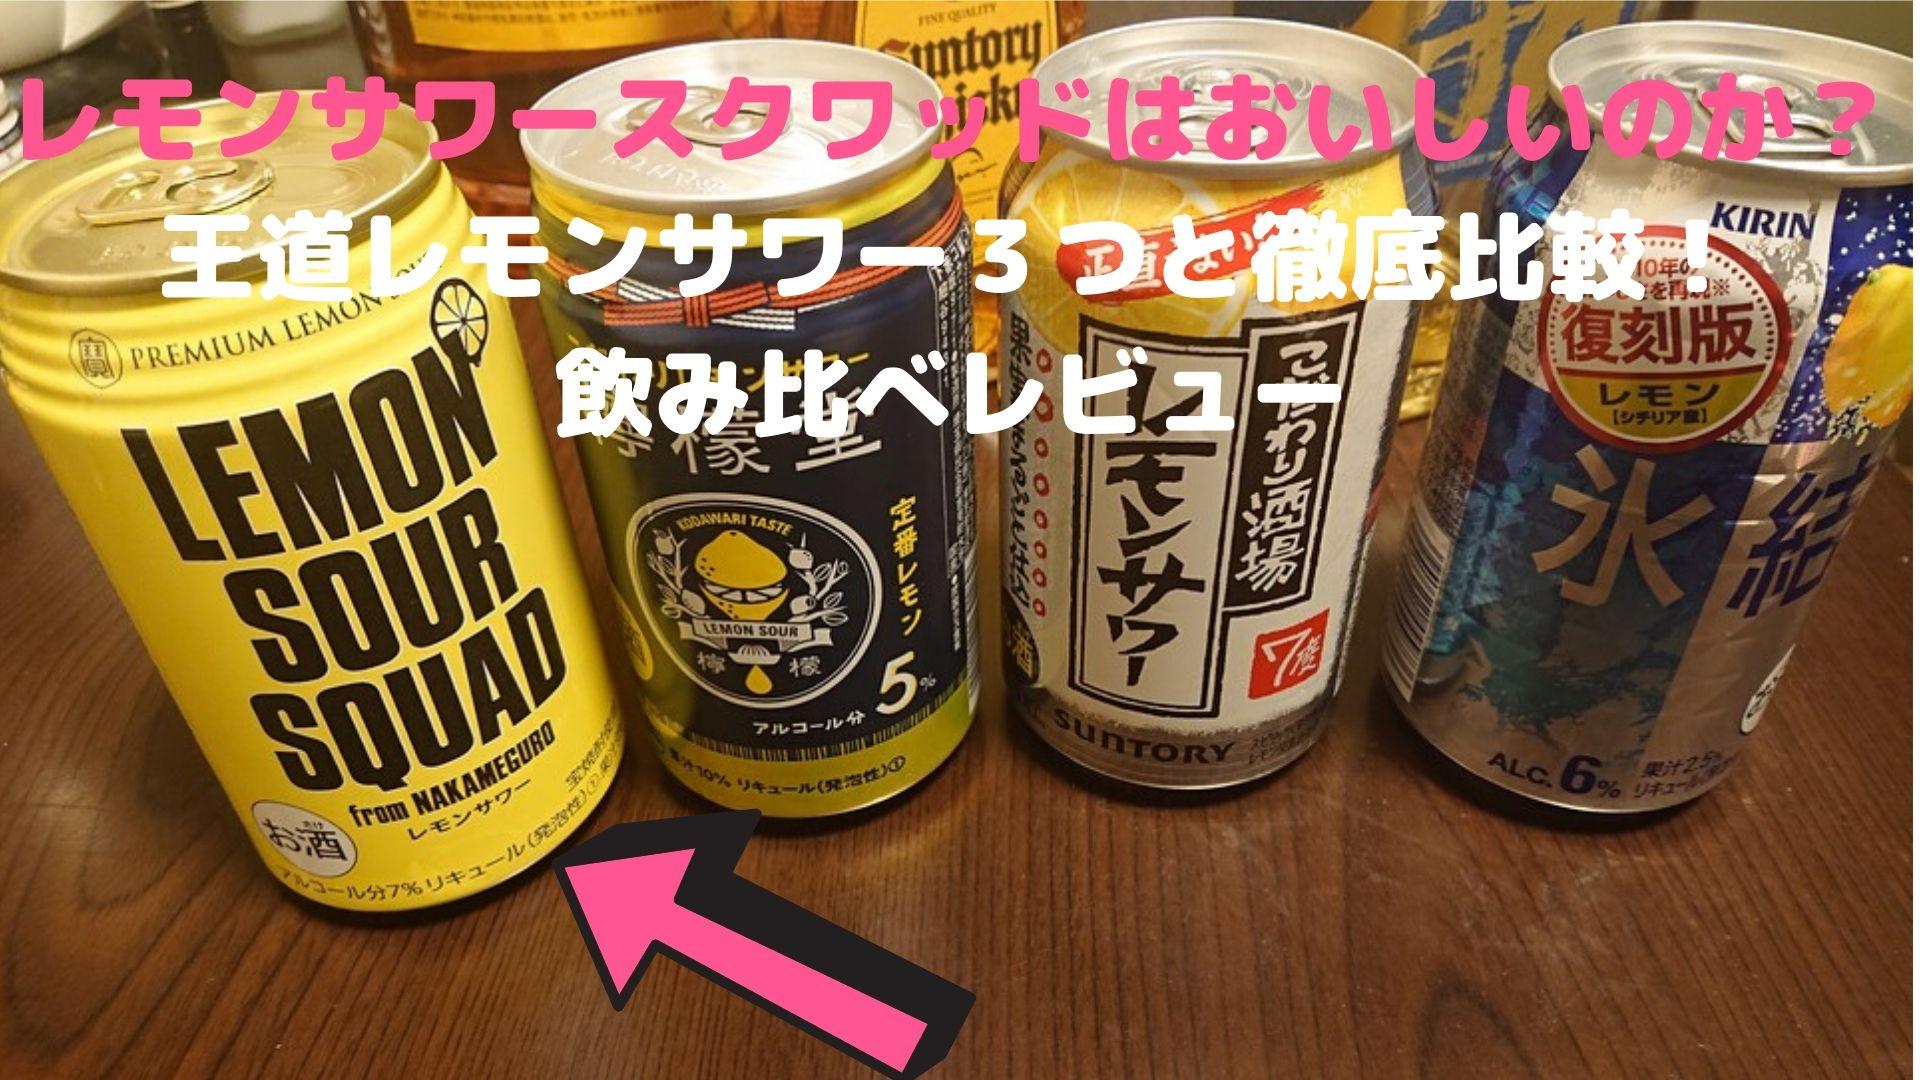 EXILEのレモンサワースクワッドは美味しいのか?飲み比べ【口コミ】